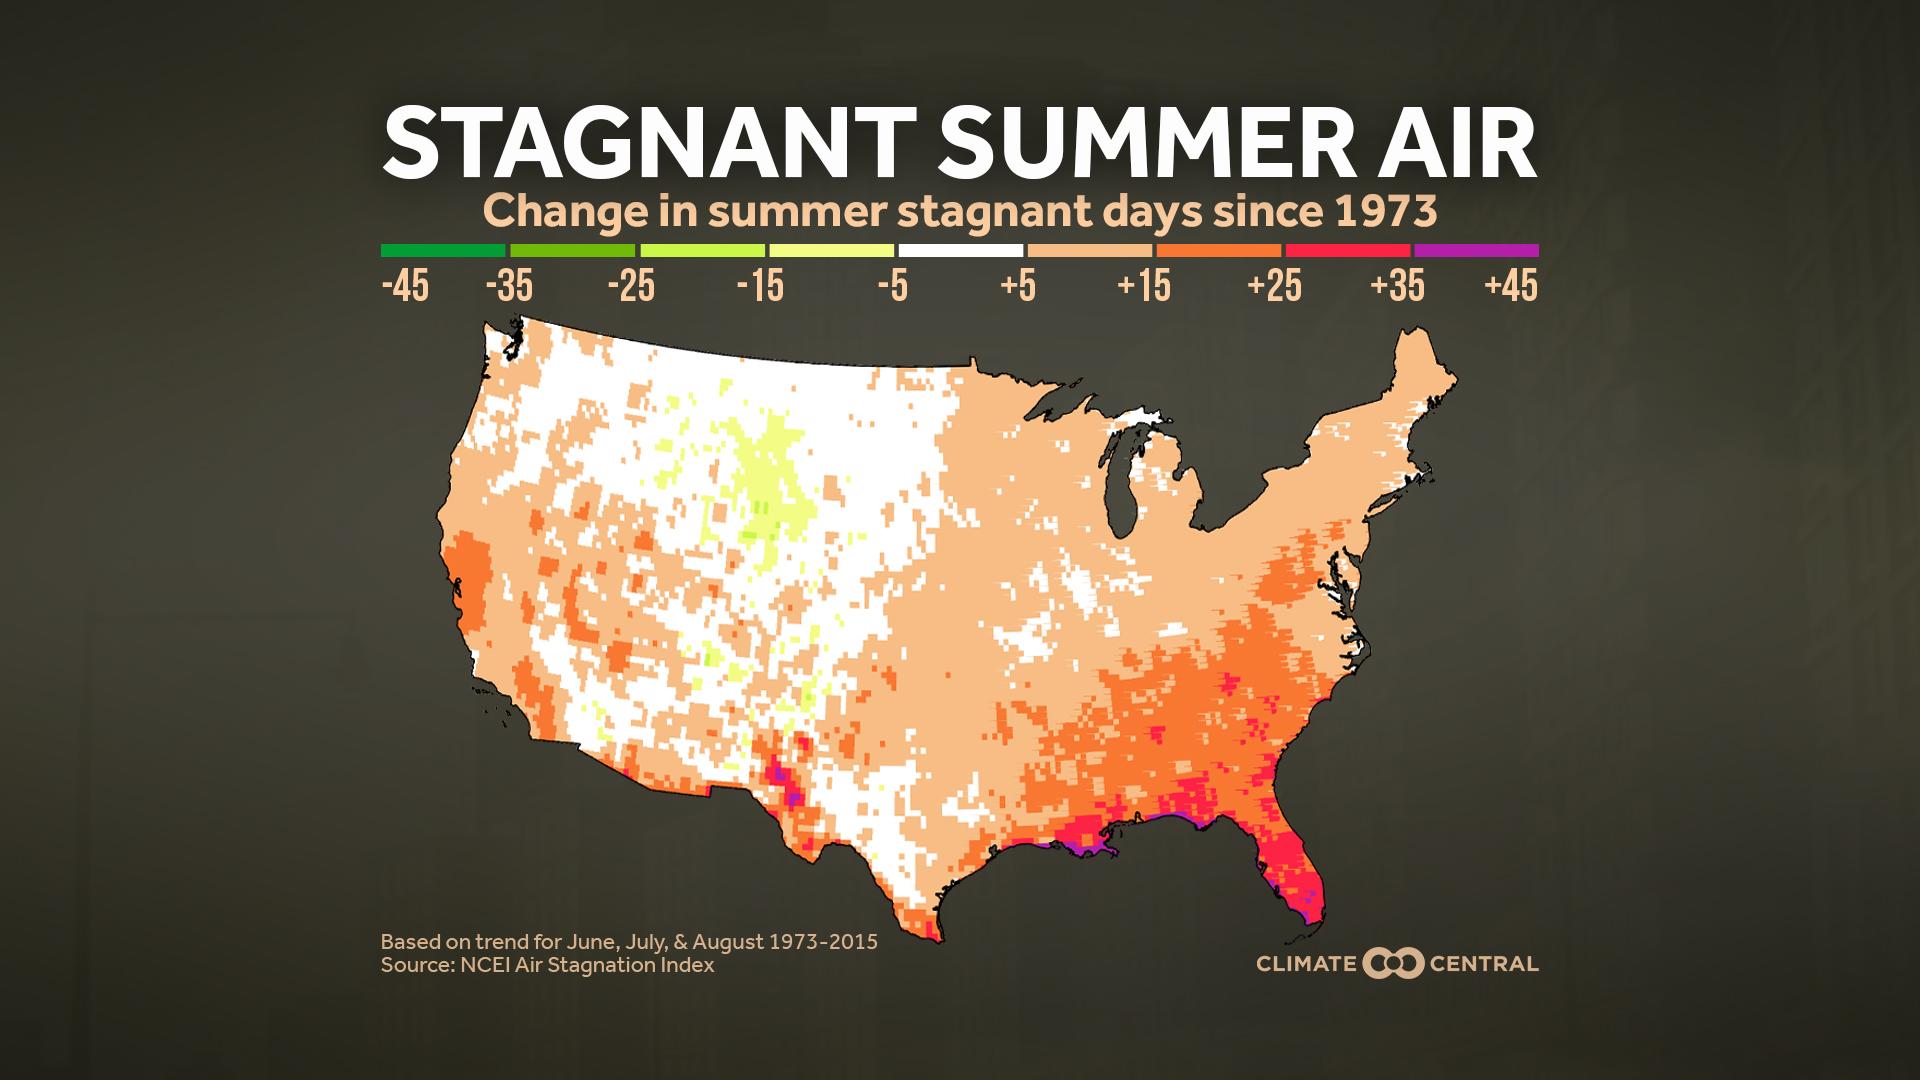 stagnant summer air